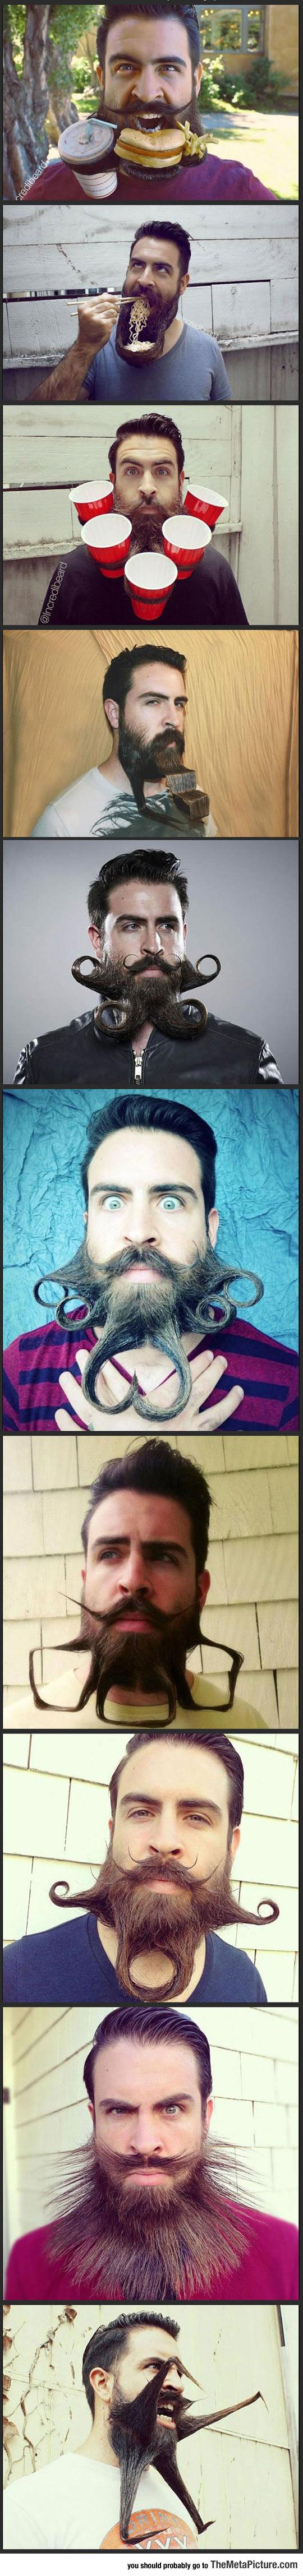 Meet Crazy Beard Guy